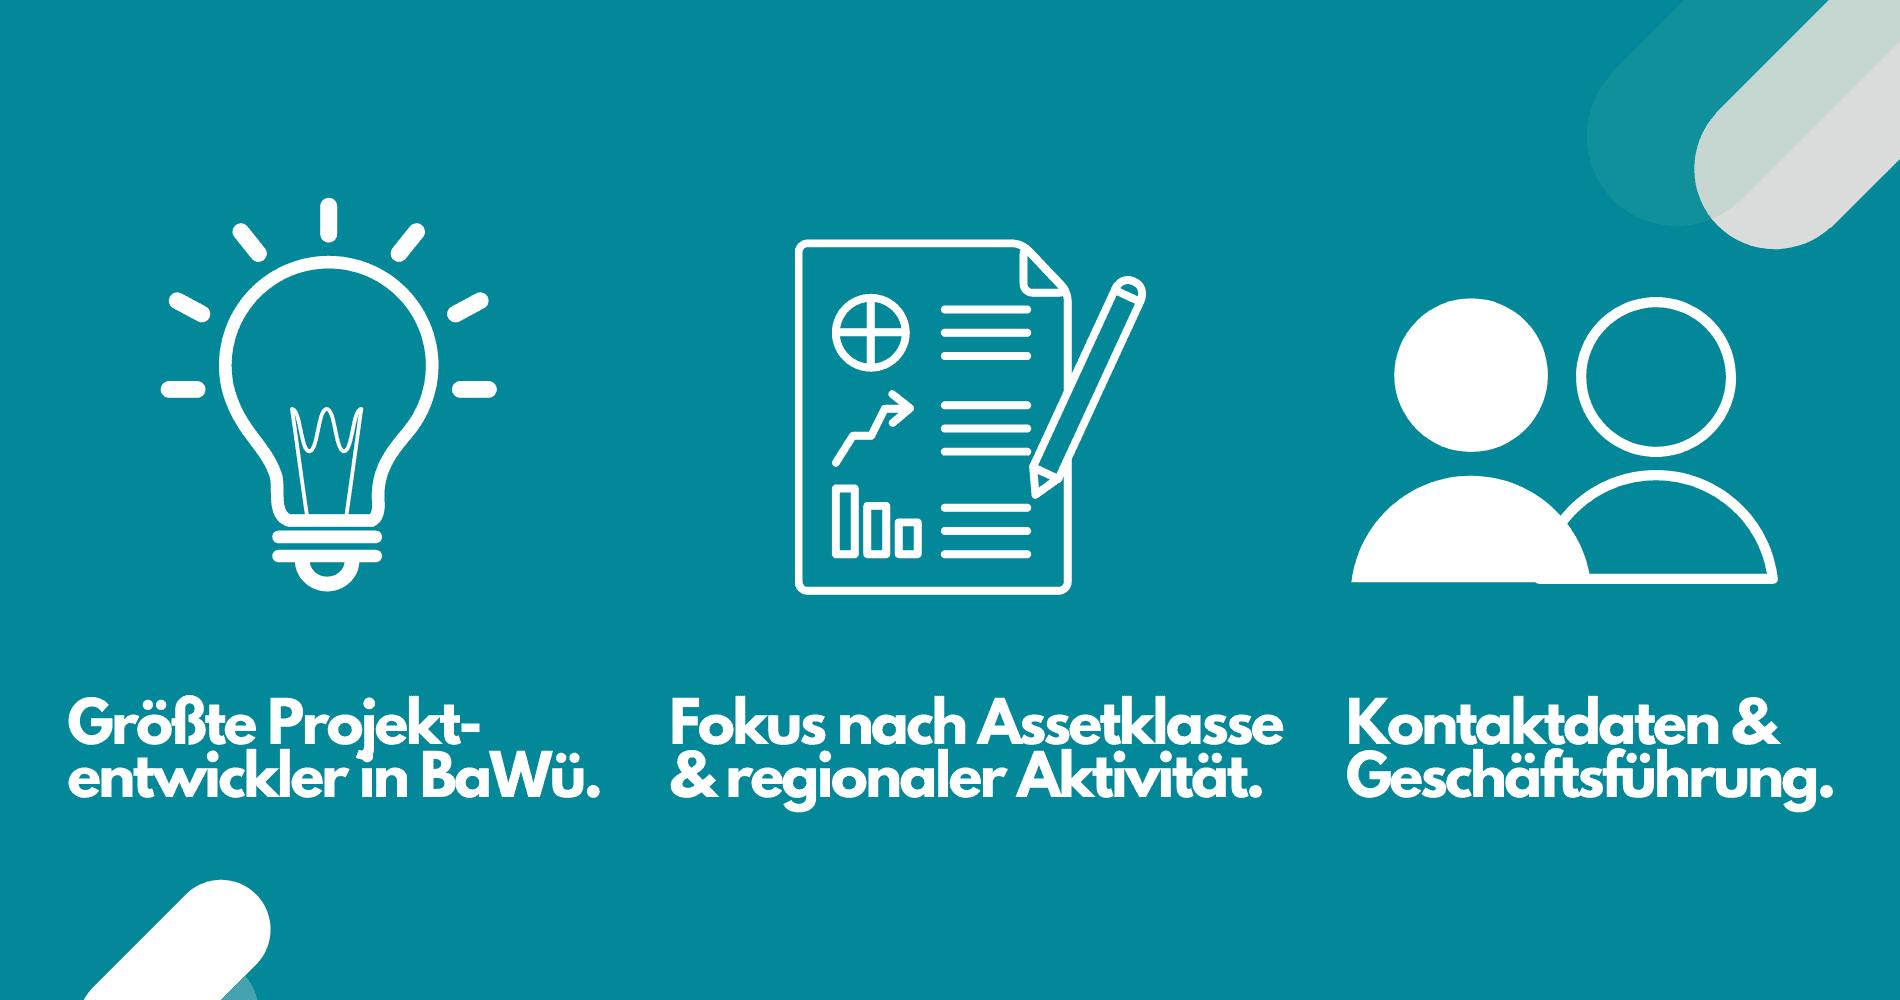 Daten Projektentwickler Baden-Württemberg